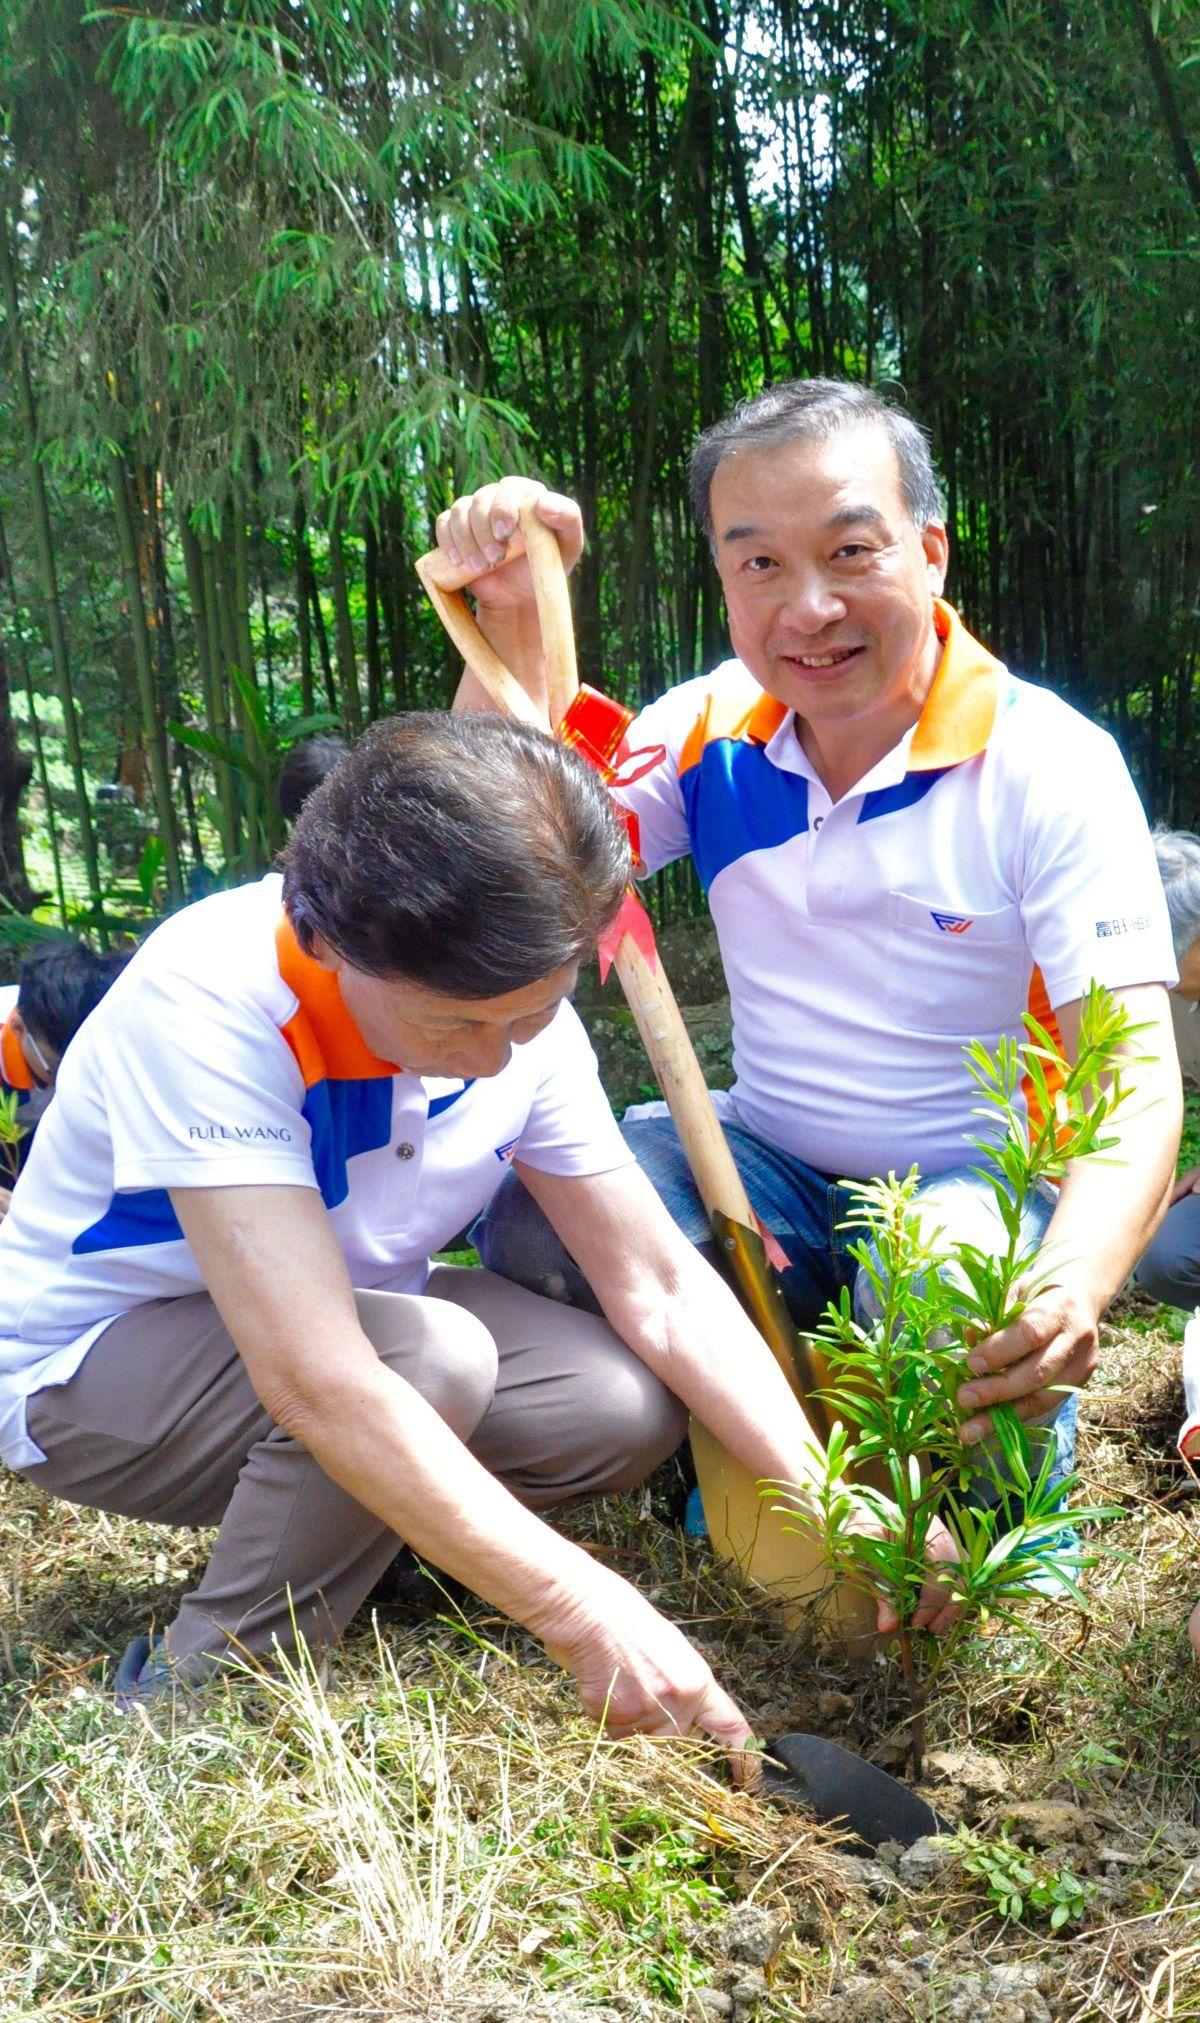 [新聞活動] 富旺國際贊助造林計畫2015-05-17 003 林正雄與母親共同種下友善環境的種子.jpg